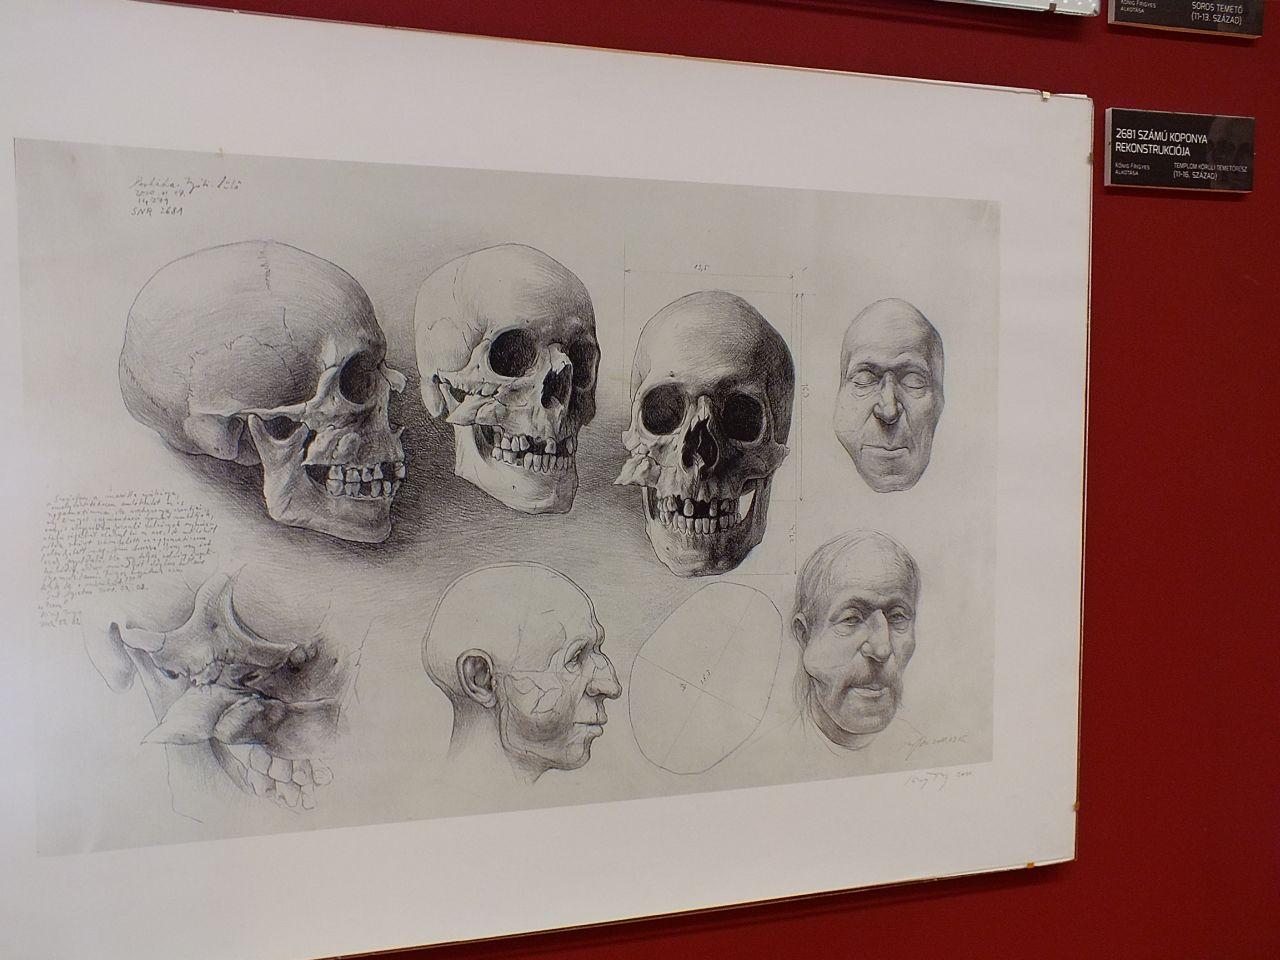 Rákos elváltozásban szenvedő középkori férfi arcrekonstrukciója <br />(Perkáta Nyúli-dűlő, rajzolta: Kőnig Frigyes)